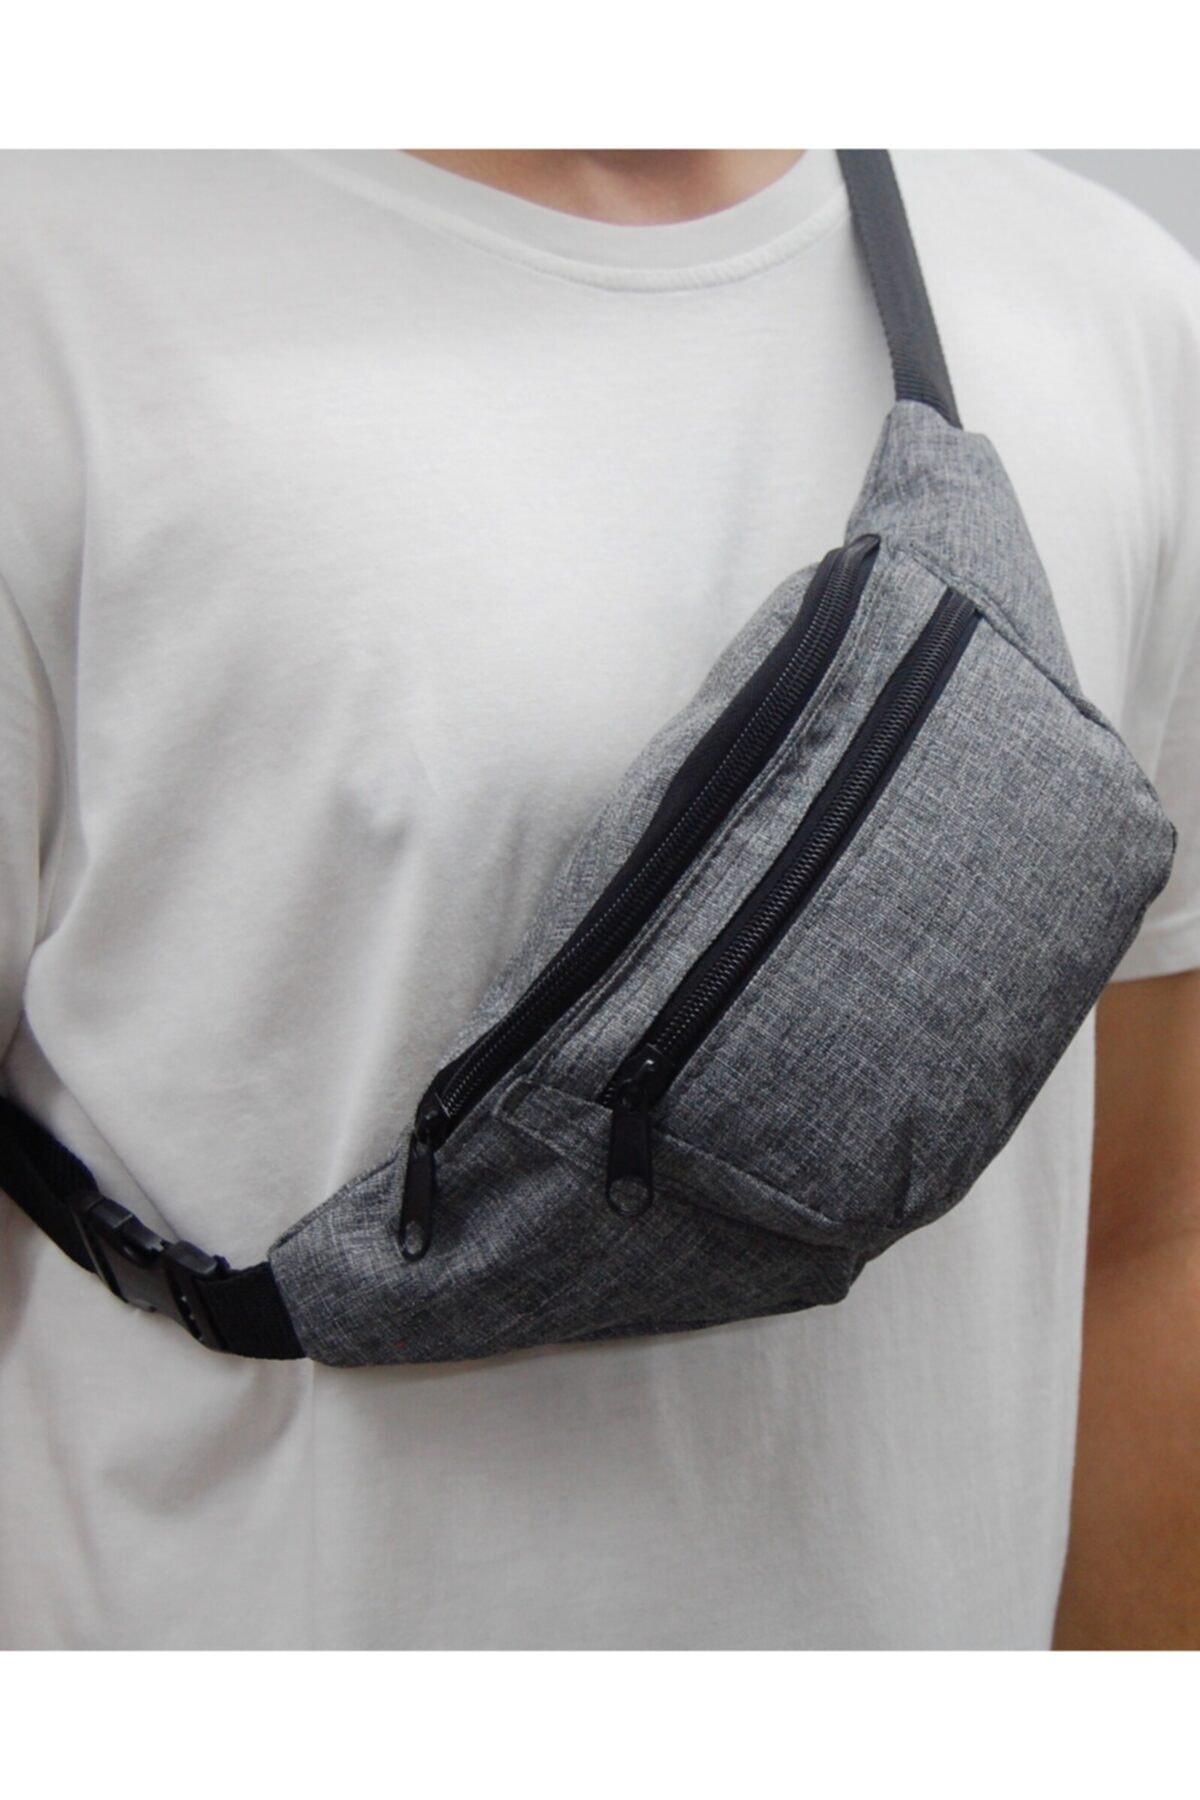 Moda West Unisex Gri Askılı Çapraz Omuz ve Bel Çantası 2